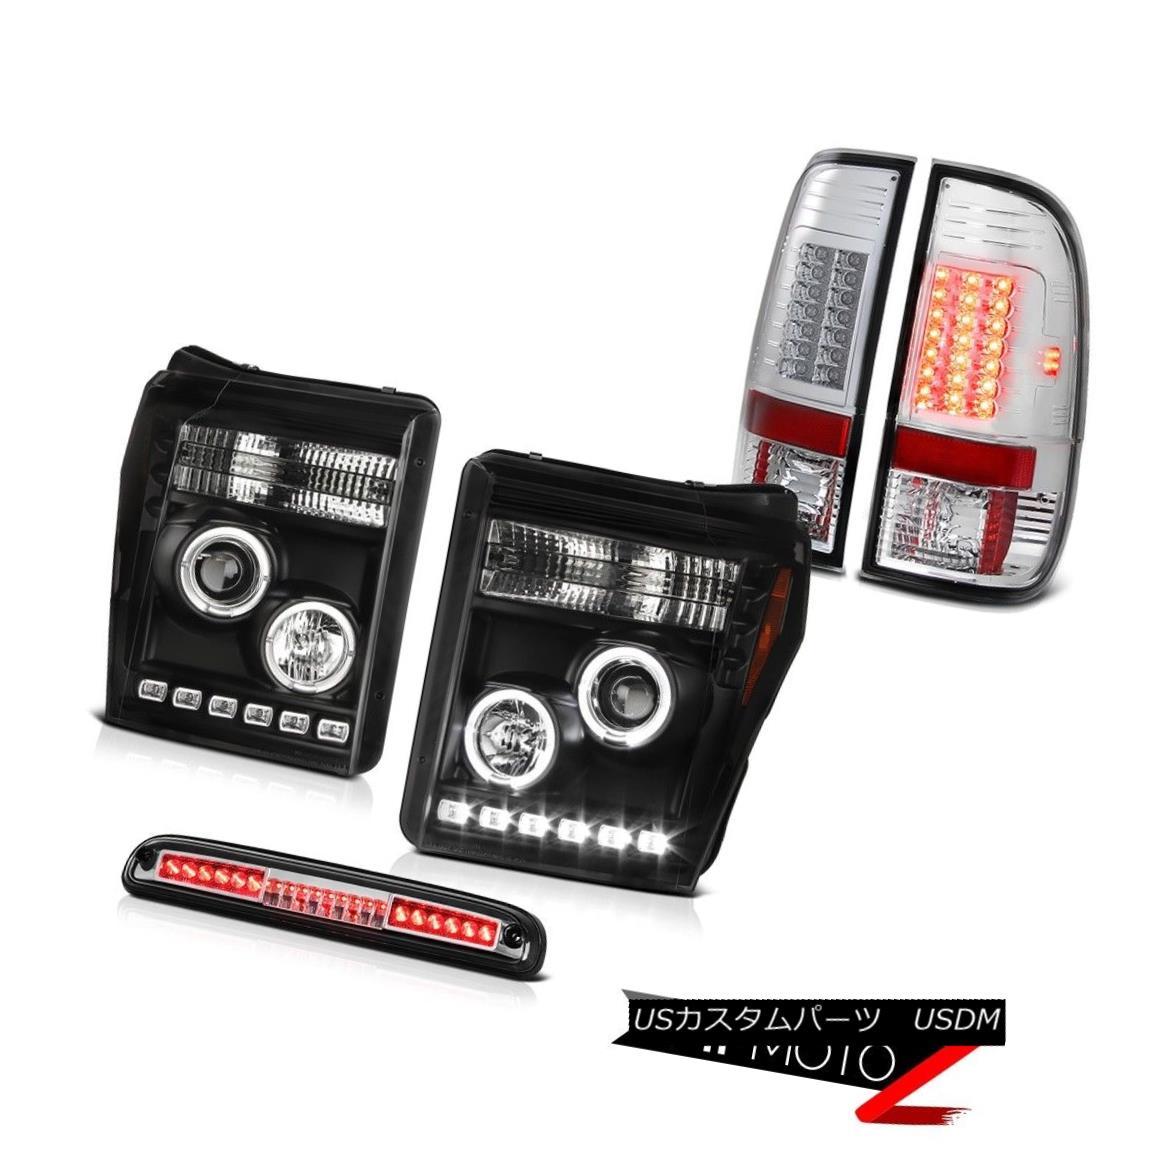 ヘッドライト 11-16 F350 Xlt Euro Chrome 3RD Brake Light Tail Lights Black Headlights LED SMD 11-16 F350 Xltユーロクローム3RDブレーキライトテールライトブラックヘッドライトLED SMD